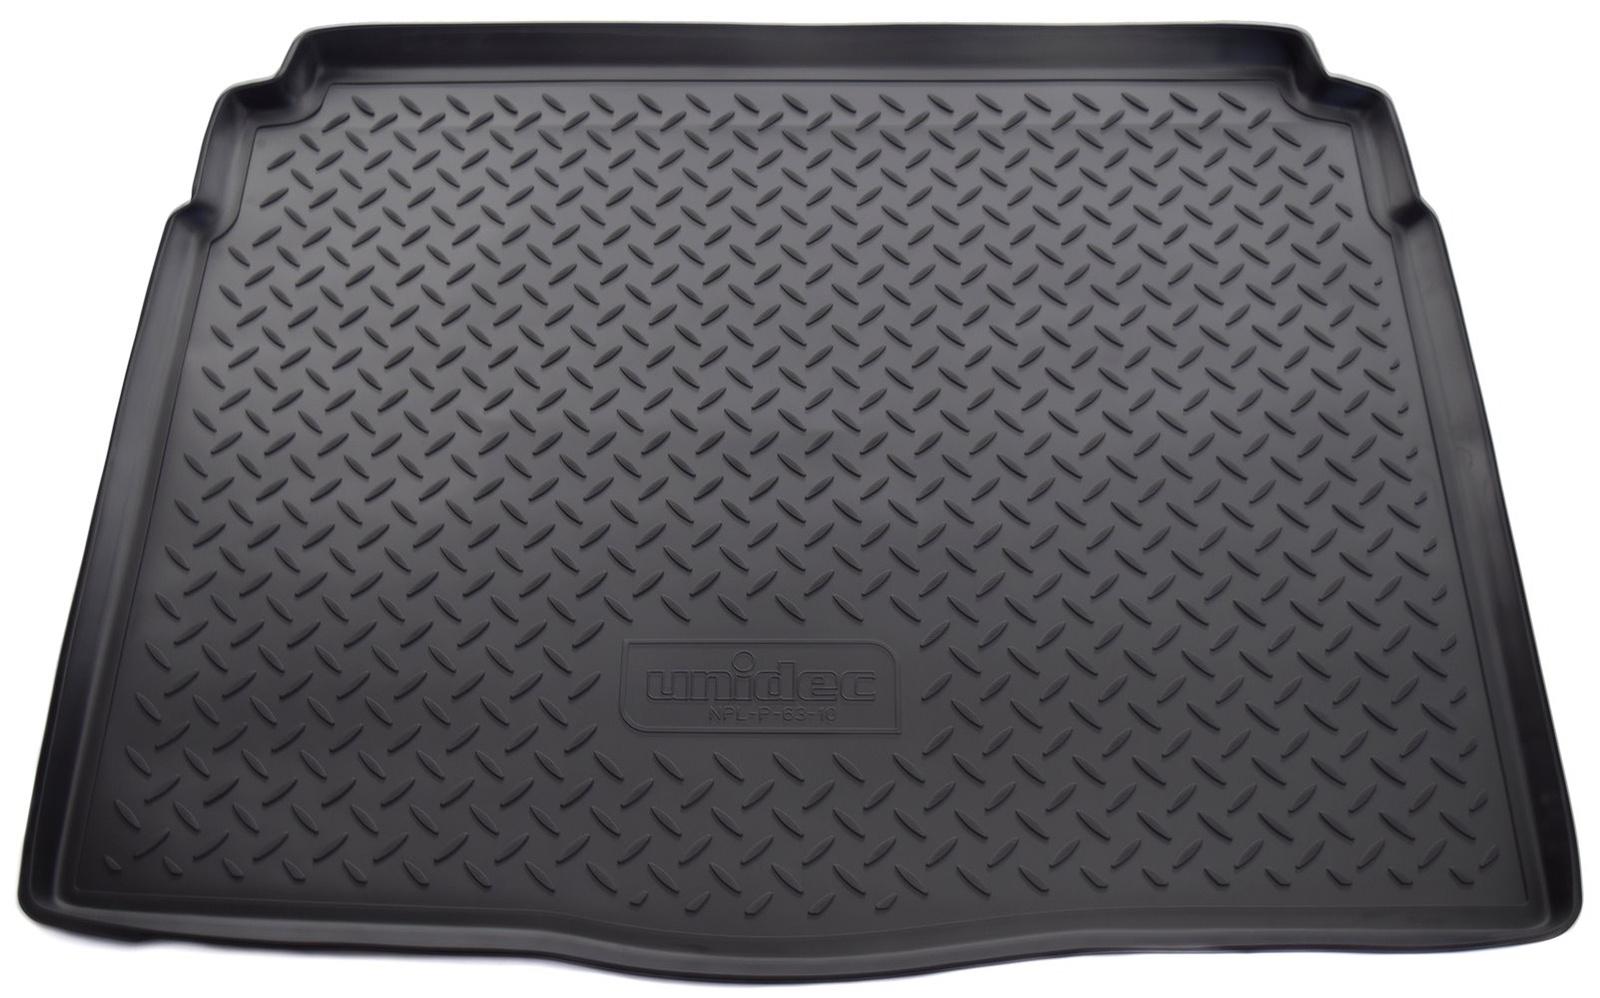 Коврик в багажник Norplast для Opel Astra J, HB, 2010, NPL-P-63-10, черный недорго, оригинальная цена